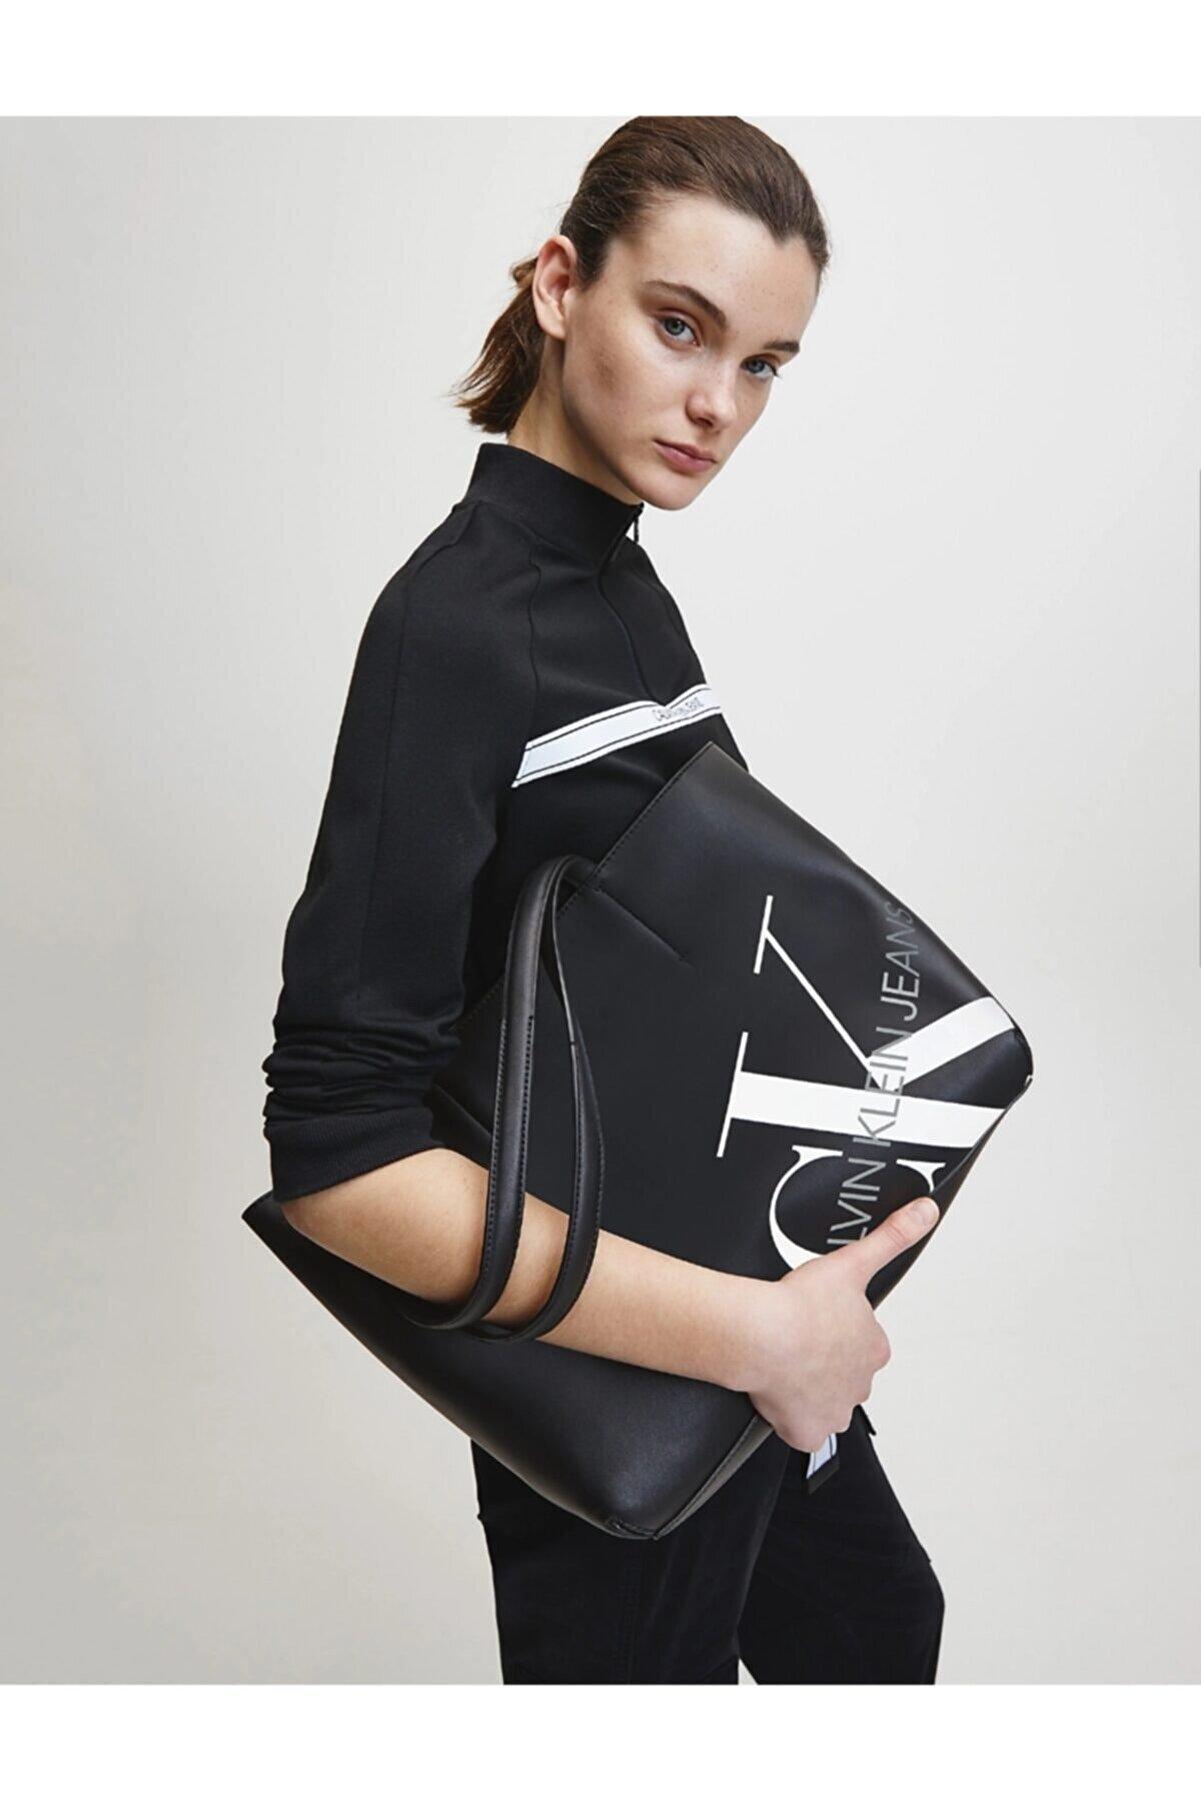 Calvin Klein Calvın Kleın Siyah Çanta